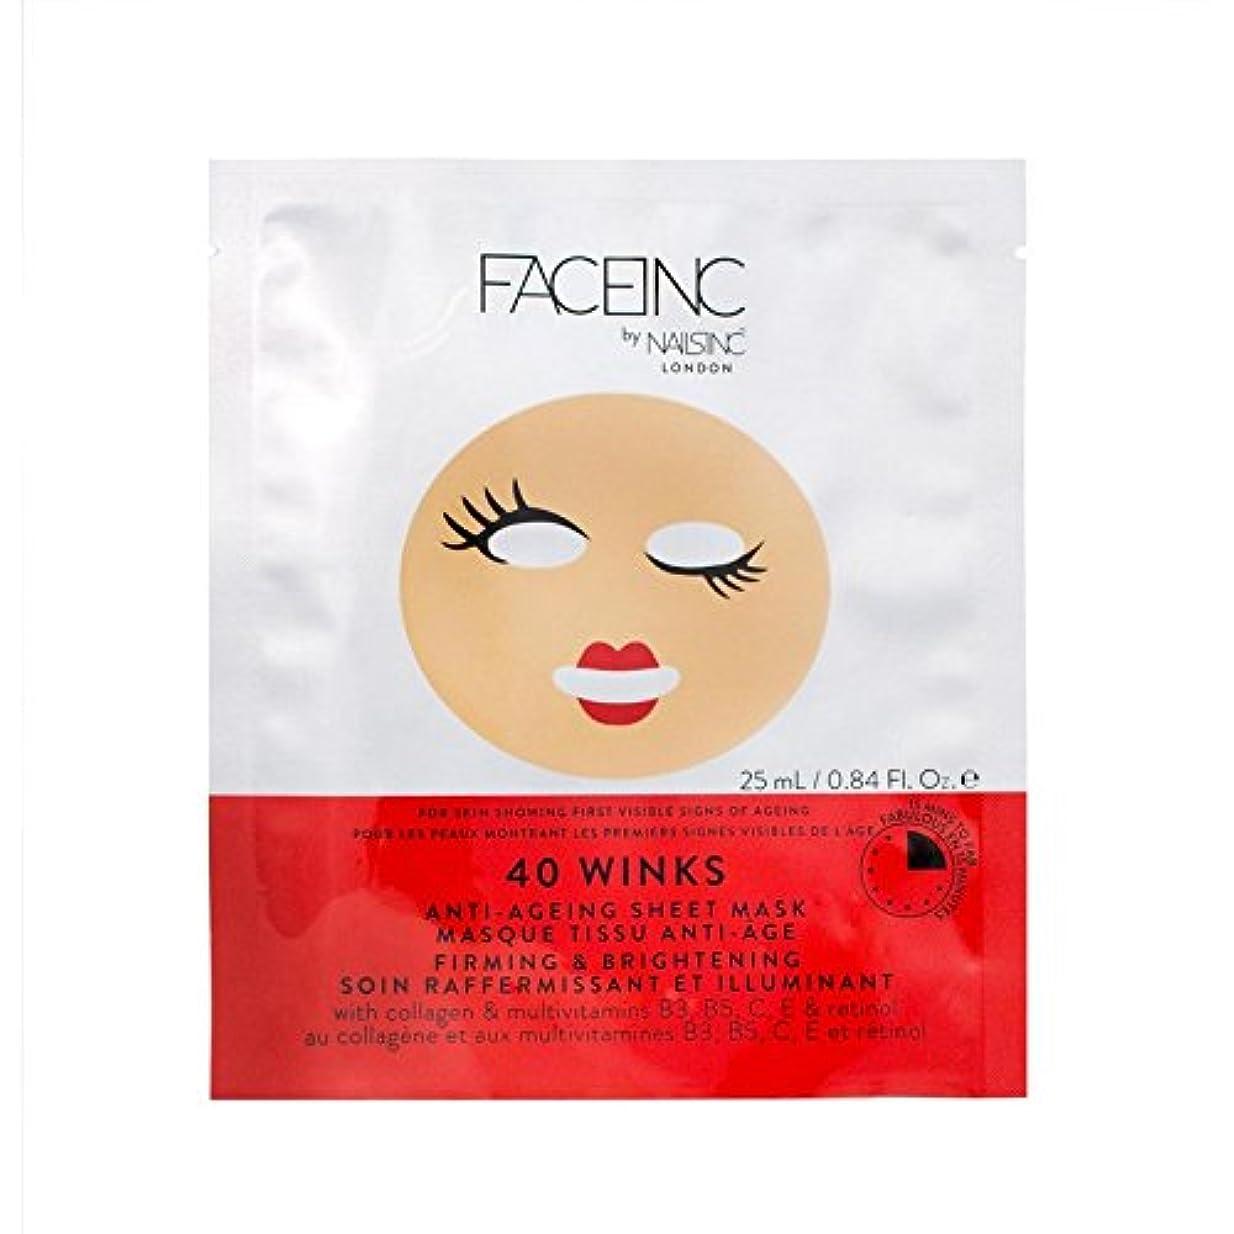 人単に起業家爪が株式会社顔株式会社40のウィンクは、マスク x4 - Nails Inc. Face Inc 40 Winks Mask (Pack of 4) [並行輸入品]